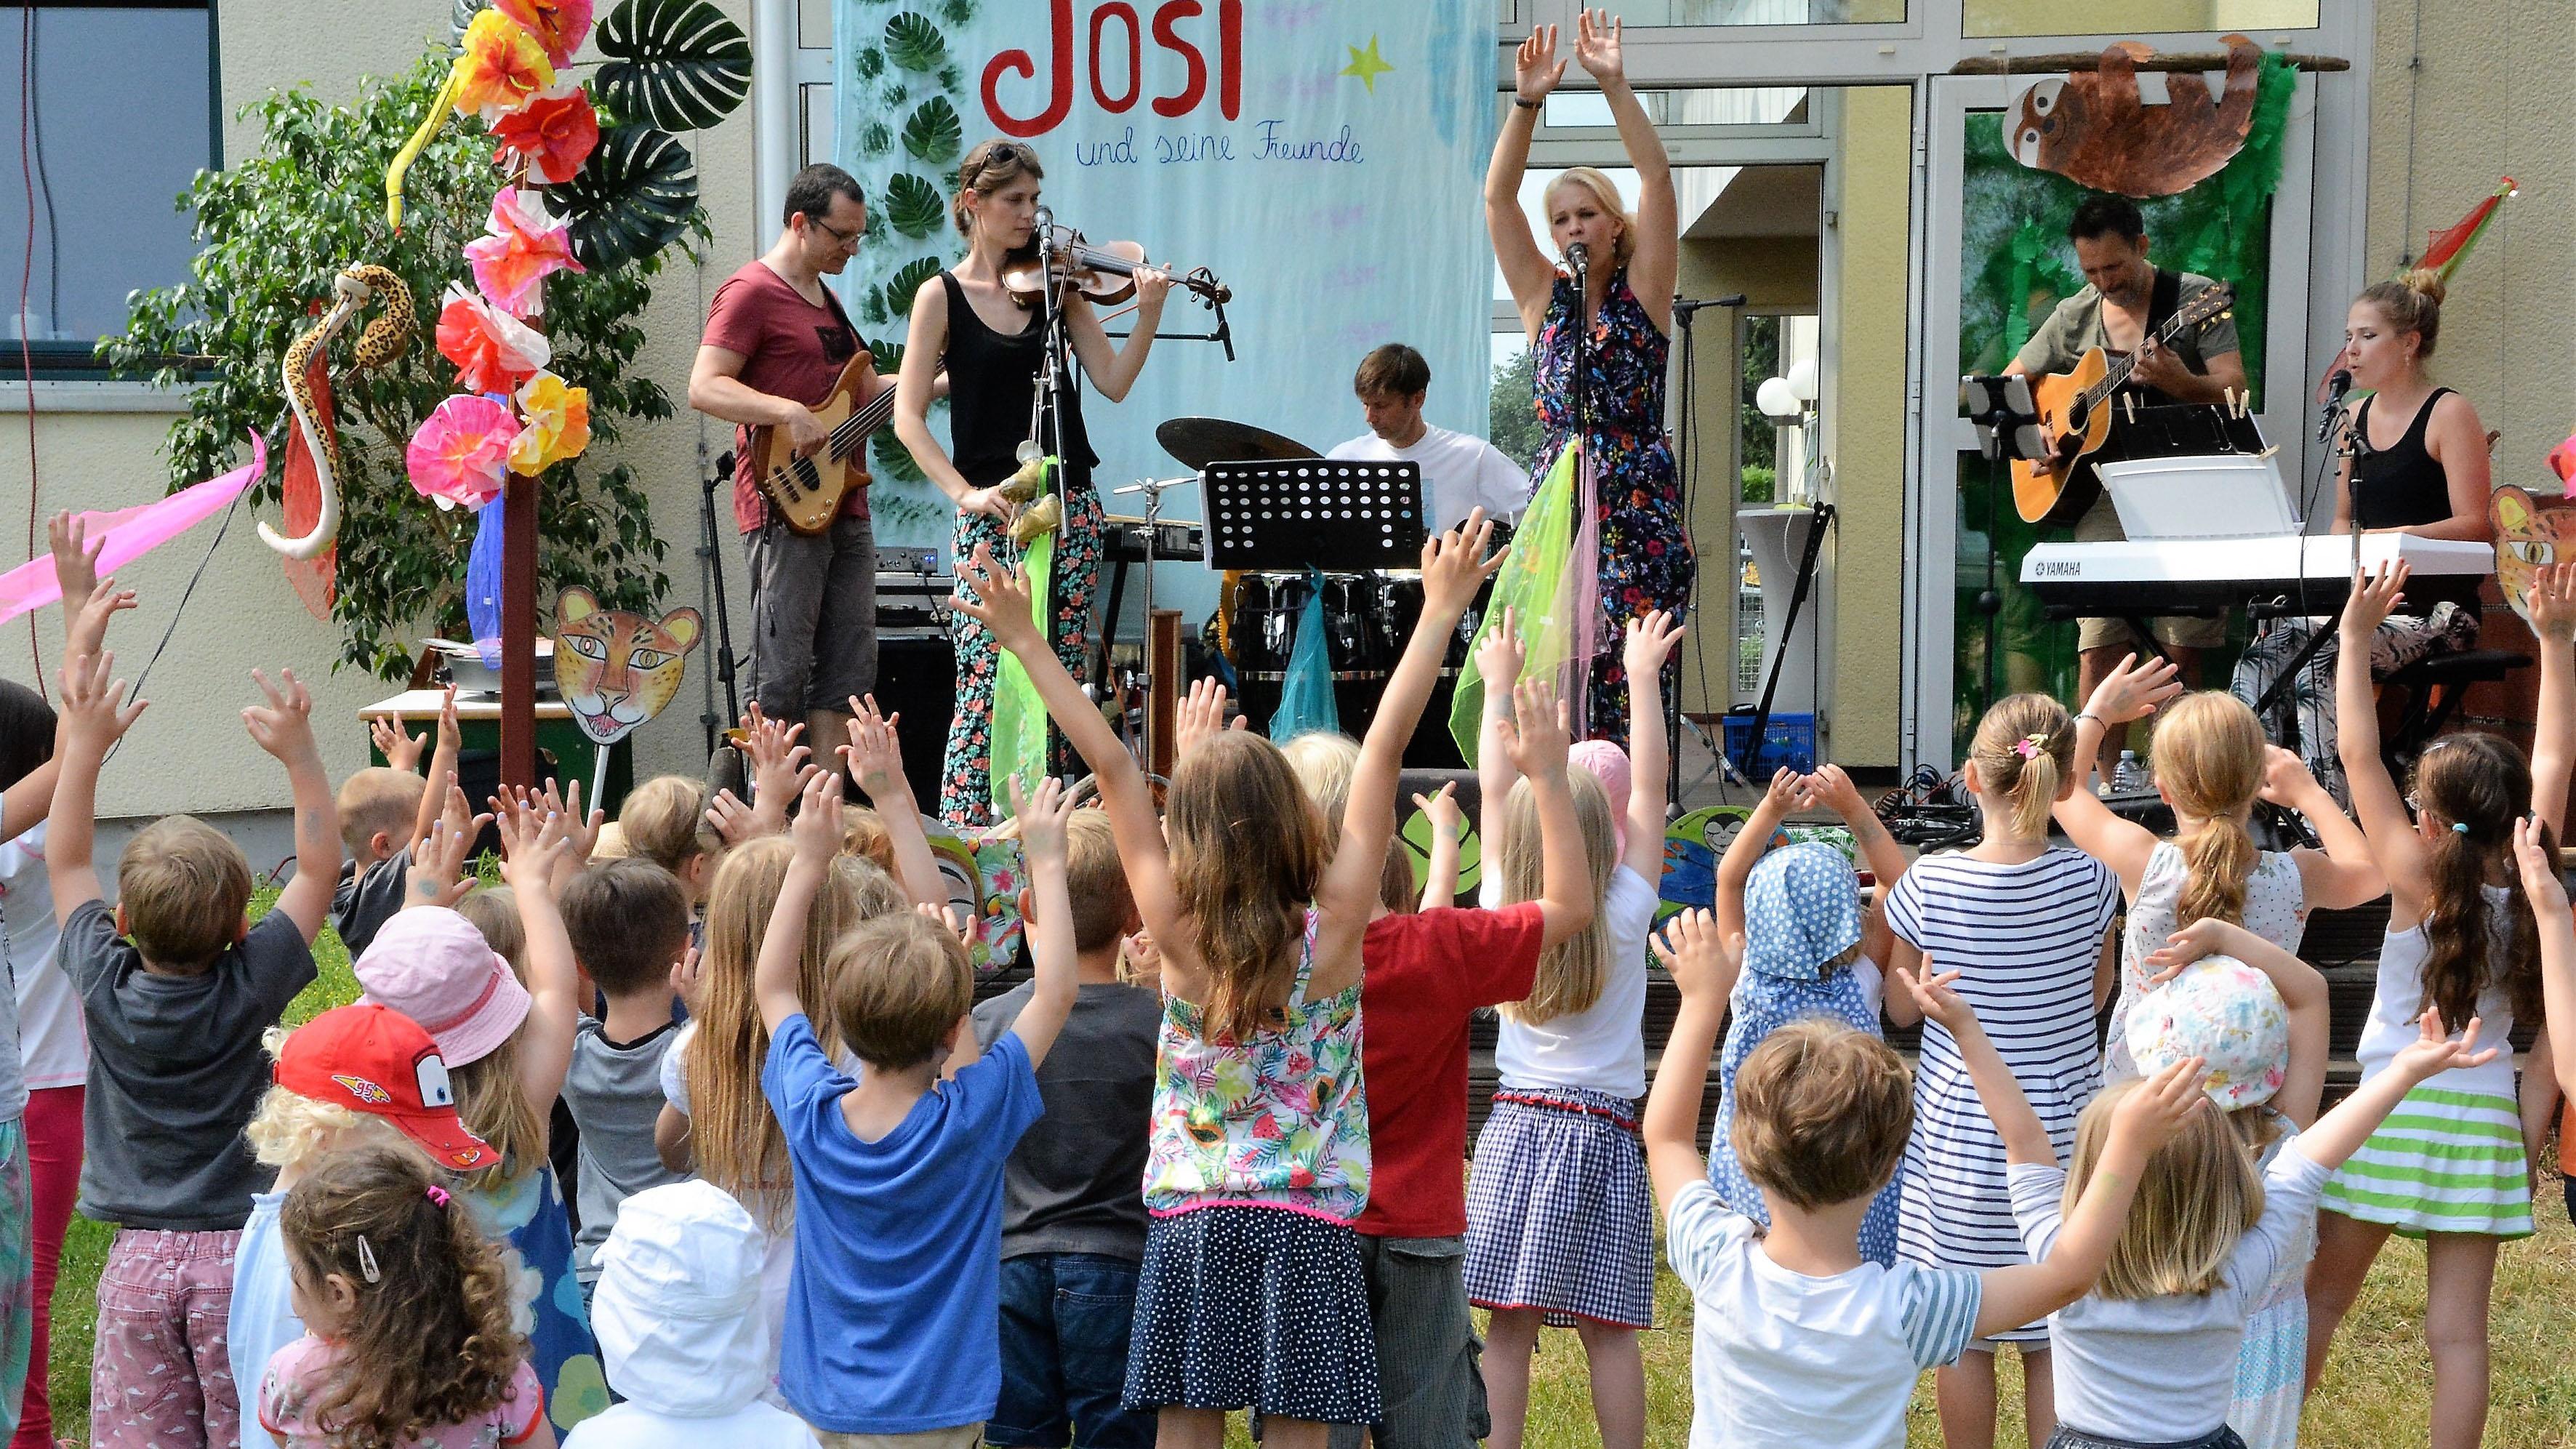 Begeistert lauschen die Kinder den klängen von Josi und seinen Freunden